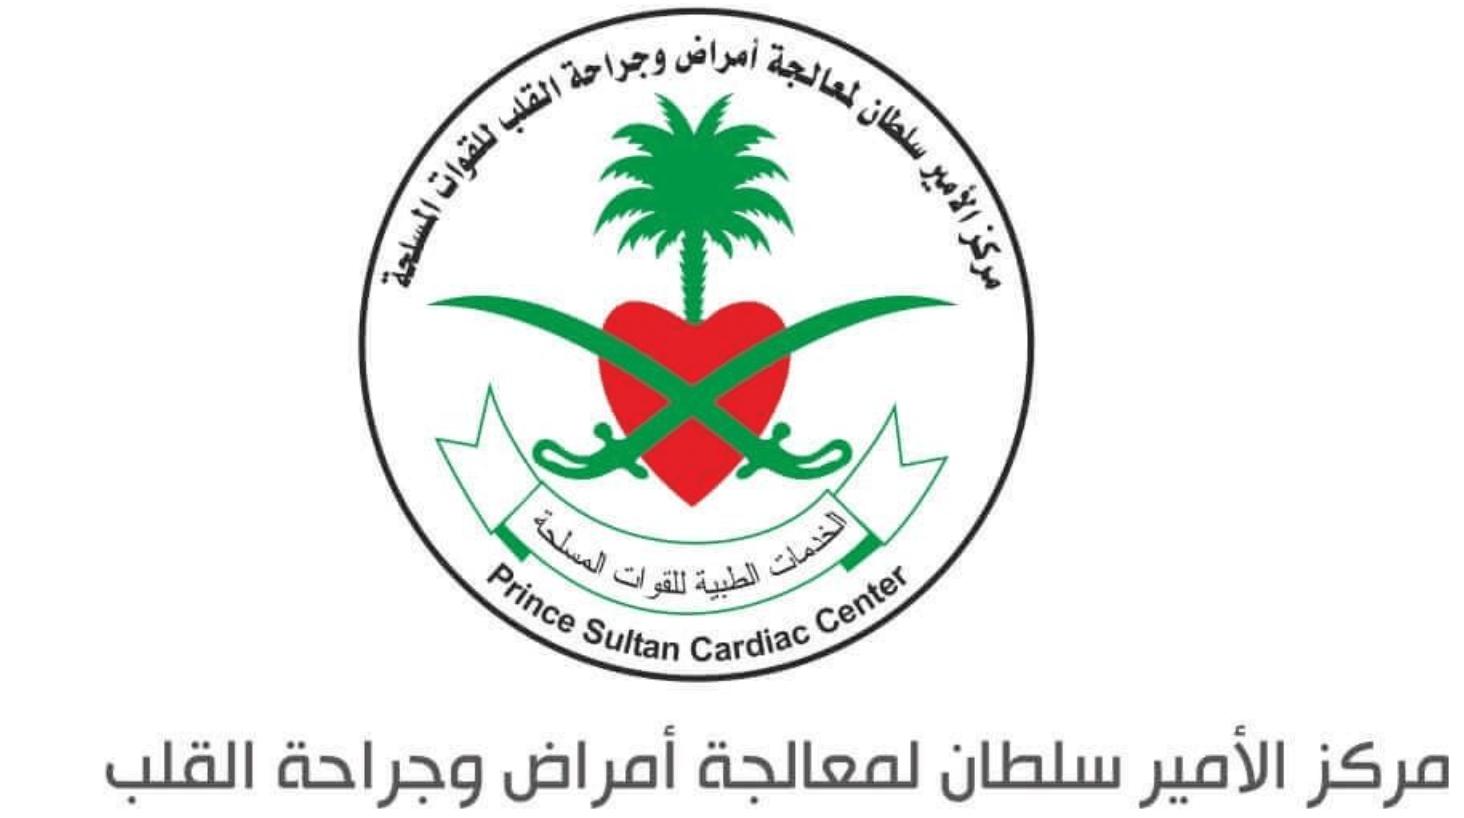 مركز الأمير سلطان لمعالجة أمراض وجراحة القلب يعلن عن وظائف شاغرة صحيفة وظائف الإلكترونية